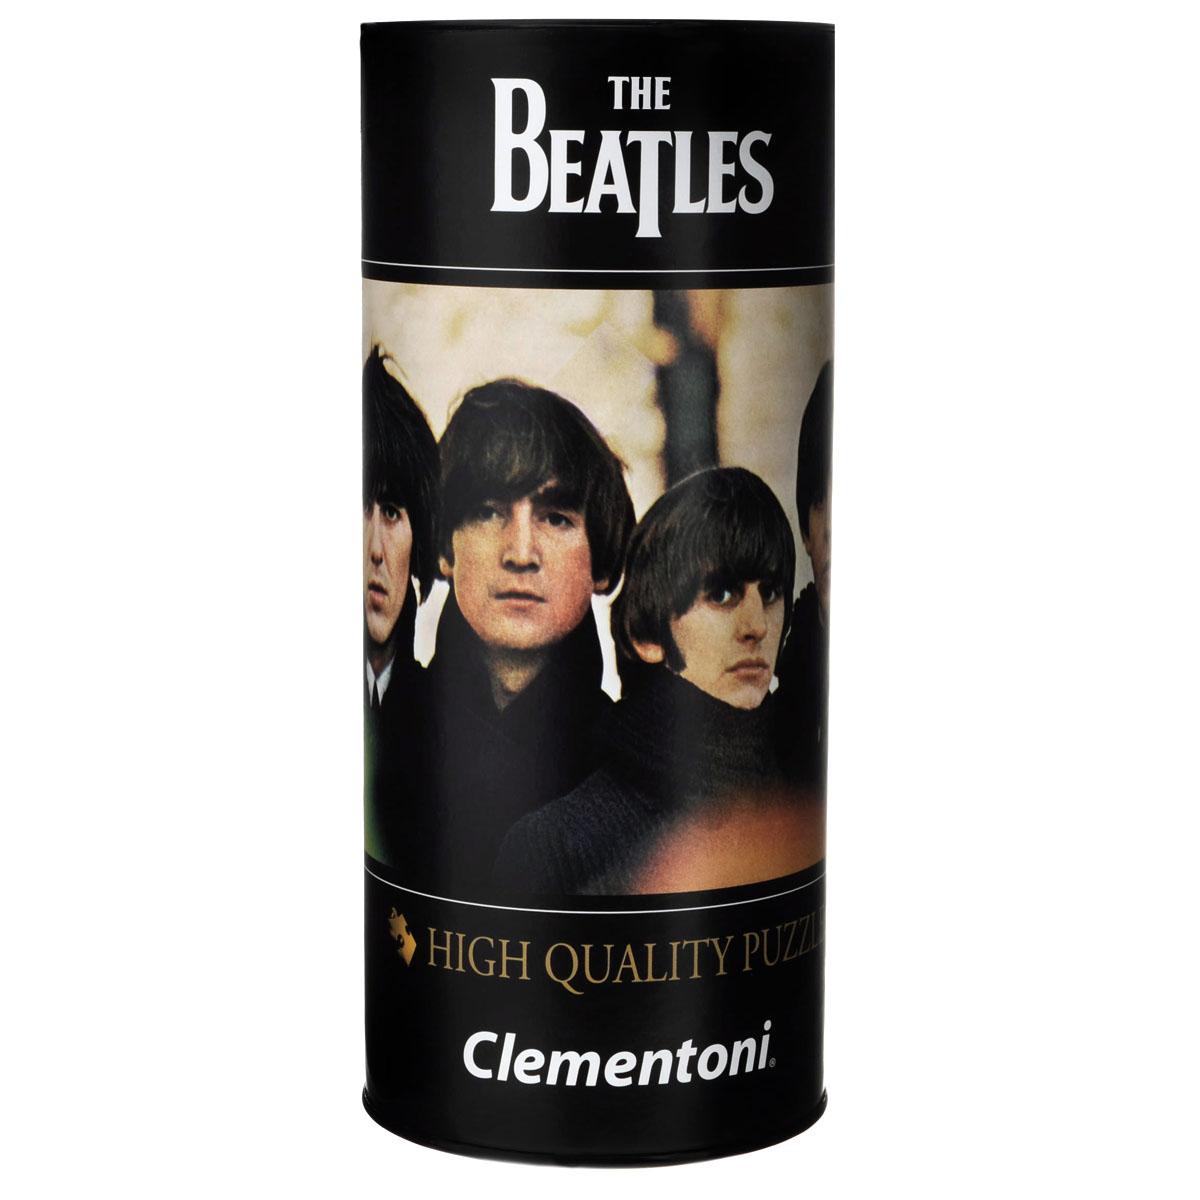 Clementoni The Beatles, Eight Days a Week. Пазл, 500 элементов21203Пазл Clementoni The Beatles, Eight Days a Week, без сомнения, придется по душе вам и вашему ребенку. Собрав этот пазл, включающий в себя 500 элементов, вы получите картину с изображением обложки одного из альбомов знаменитой группы The Beatles. Альбом Beatles for Sale вышел в декабре 1964 года. Несмотря на то, что Битлз были вынуждены записывать его в сжатые сроки в перерывах между гастролями, сразу же после его выхода в британском хит-параде он занял почётное 1-ое место и в течение 7 недель подряд не уступал его конкурентам. Каждая деталь имеет свою форму и подходит только на своё место. Нет двух одинаковых деталей! Пазл изготовлен из картона высочайшего качества. Все изображения аккуратно отсканированы и напечатаны на ламинированной бумаге. Пазл упакован в оригинальную коробку-тубус. Пазл - великолепная игра для семейного досуга. Сегодня собирание пазлов стало особенно популярным, главным образом, благодаря своей многообразной тематике, способной удовлетворить...